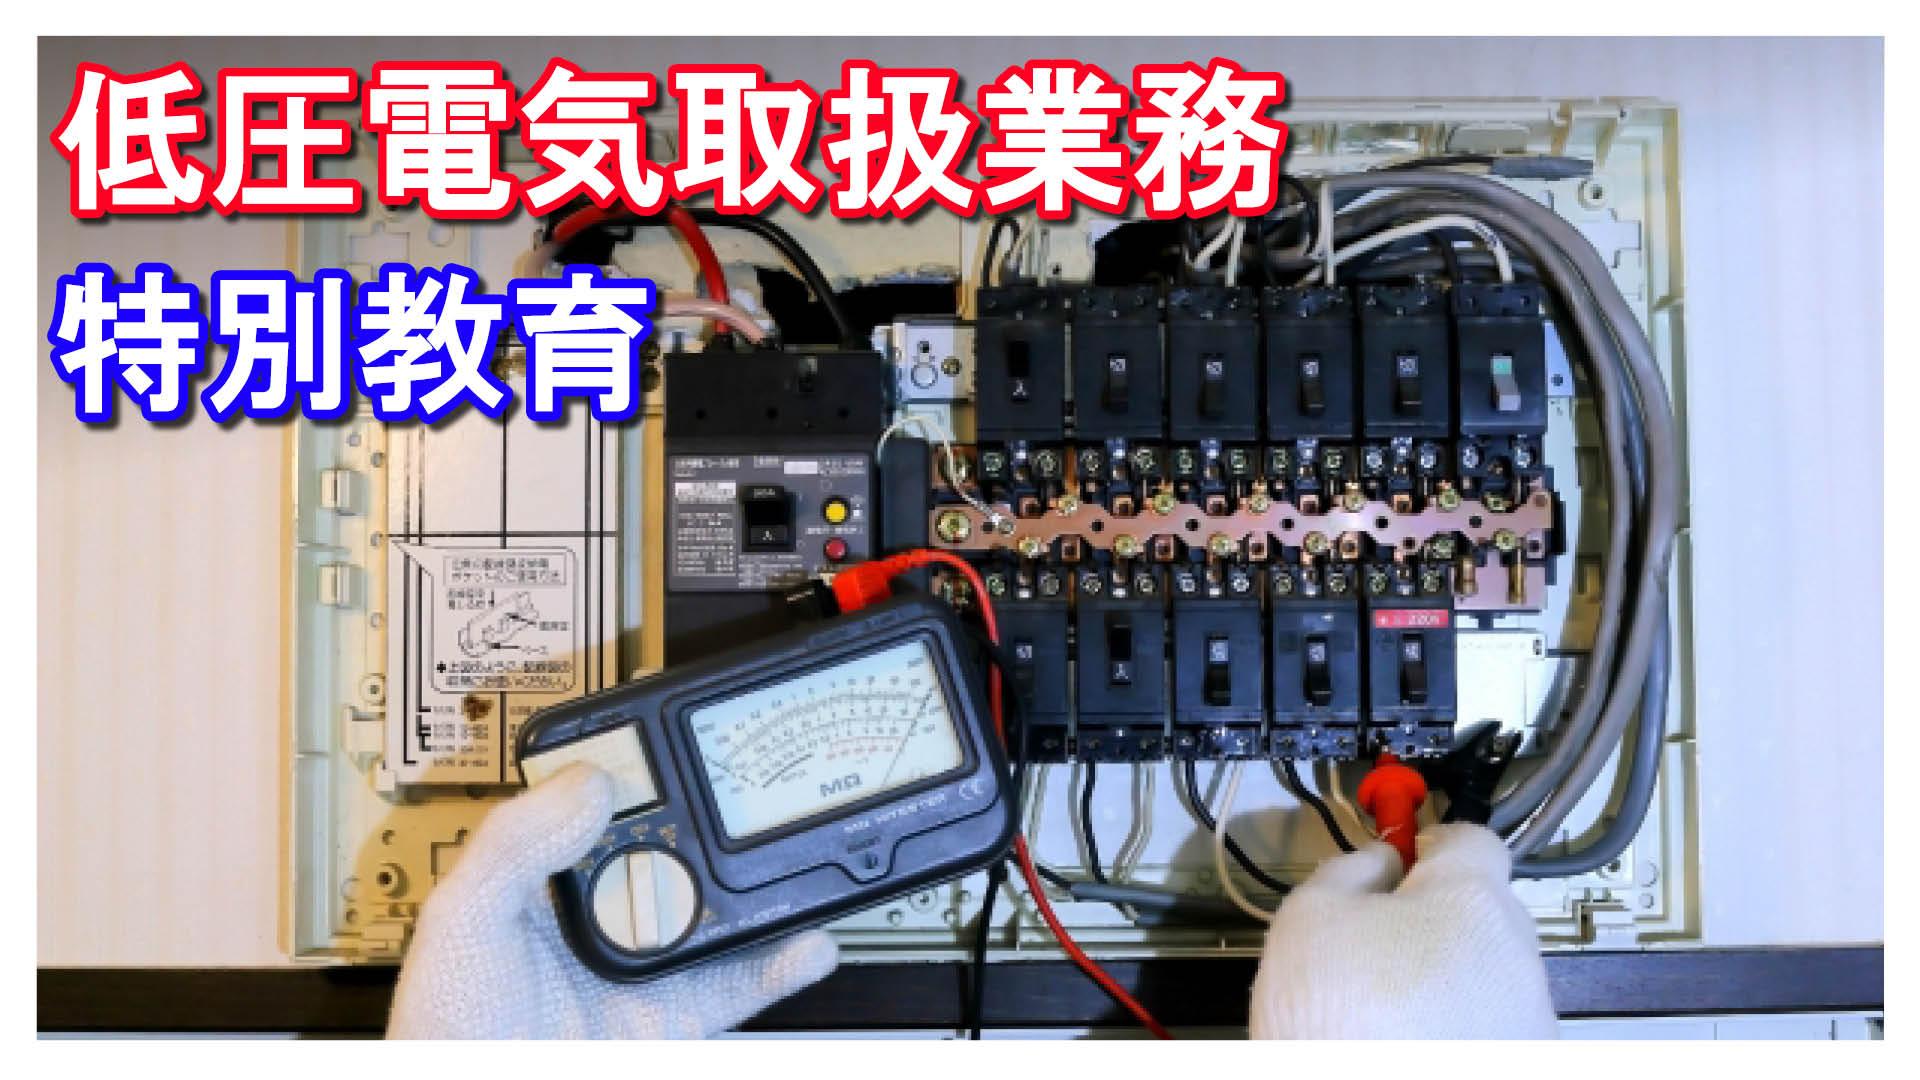 教育 特別 電気 取扱 低圧 業務